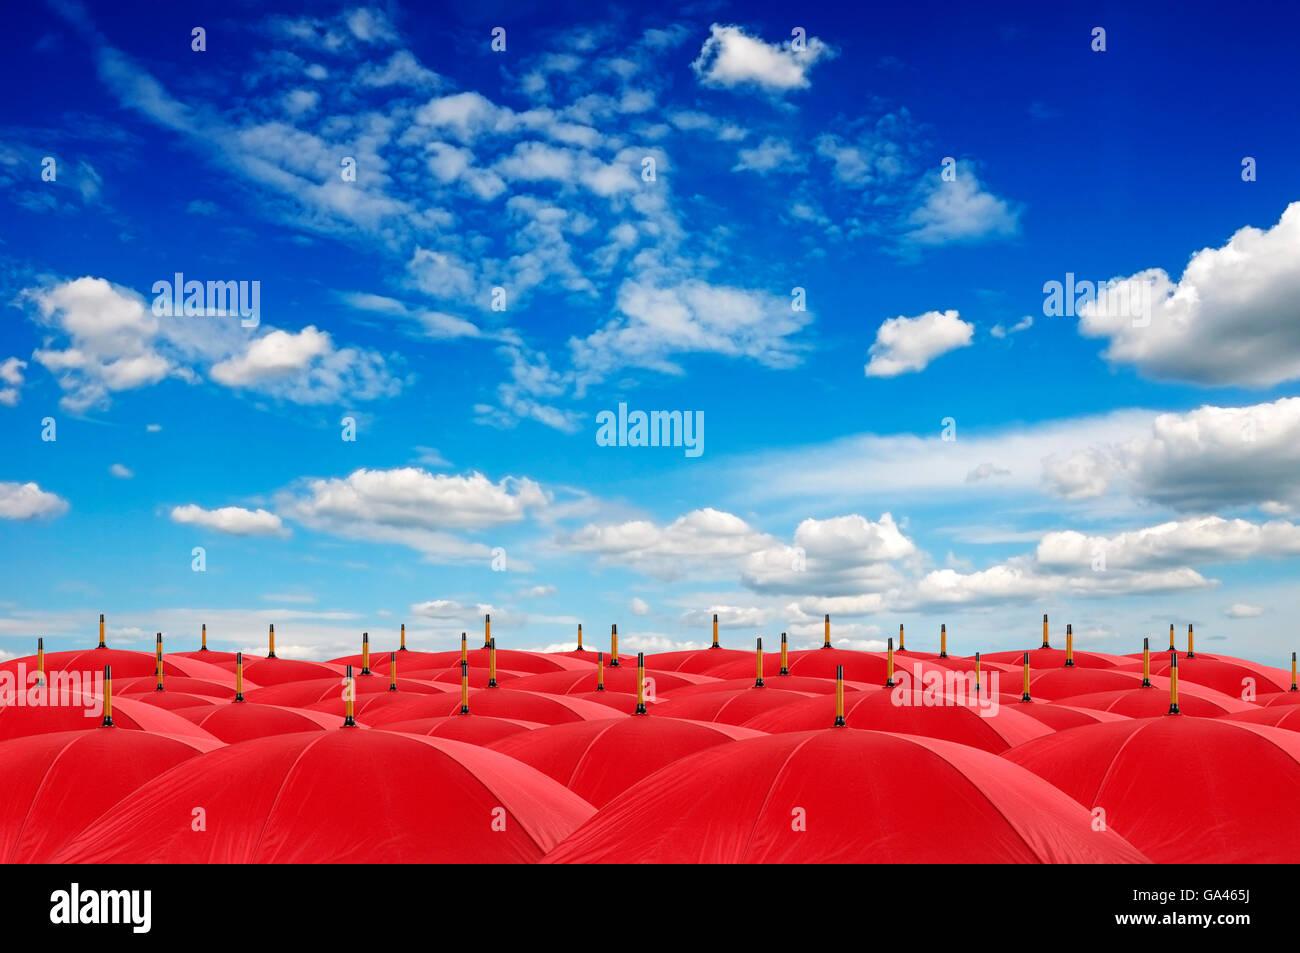 Reihen von geöffneten roten Sonnenschirmen Stockbild